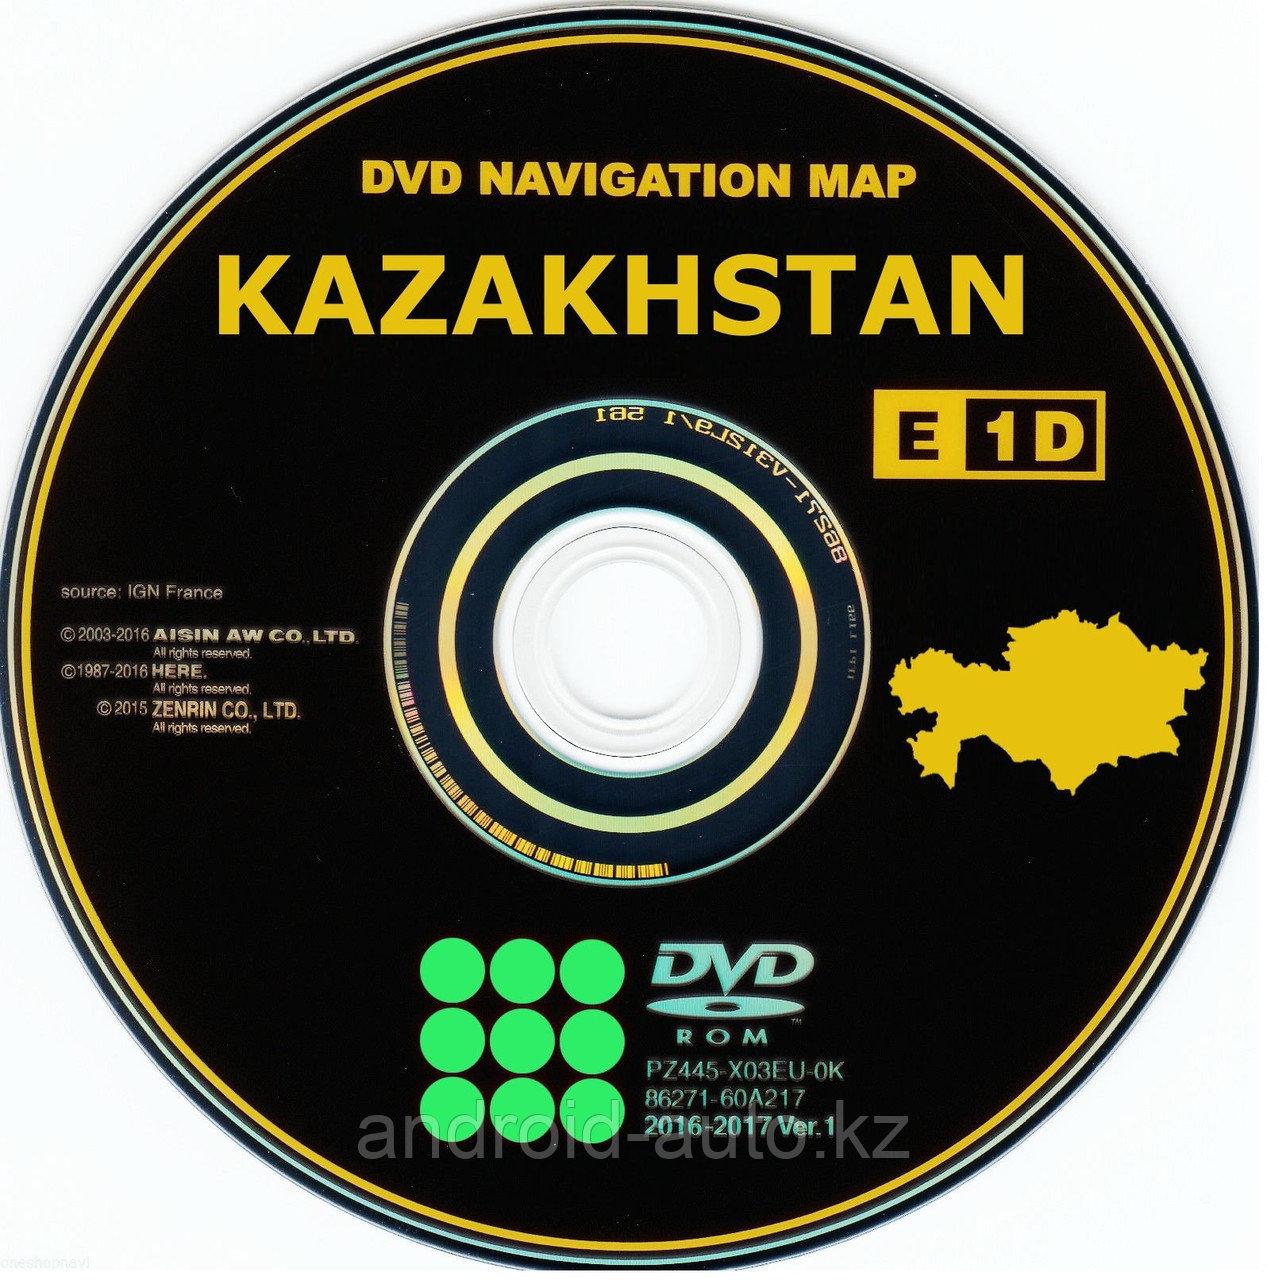 НОВИНКА!!! Новые за 2020 DVD Карты навигации по КАЗАХСТАНУ и Киргизии для LEXUS LS460 LS600 c 2006-2015 год